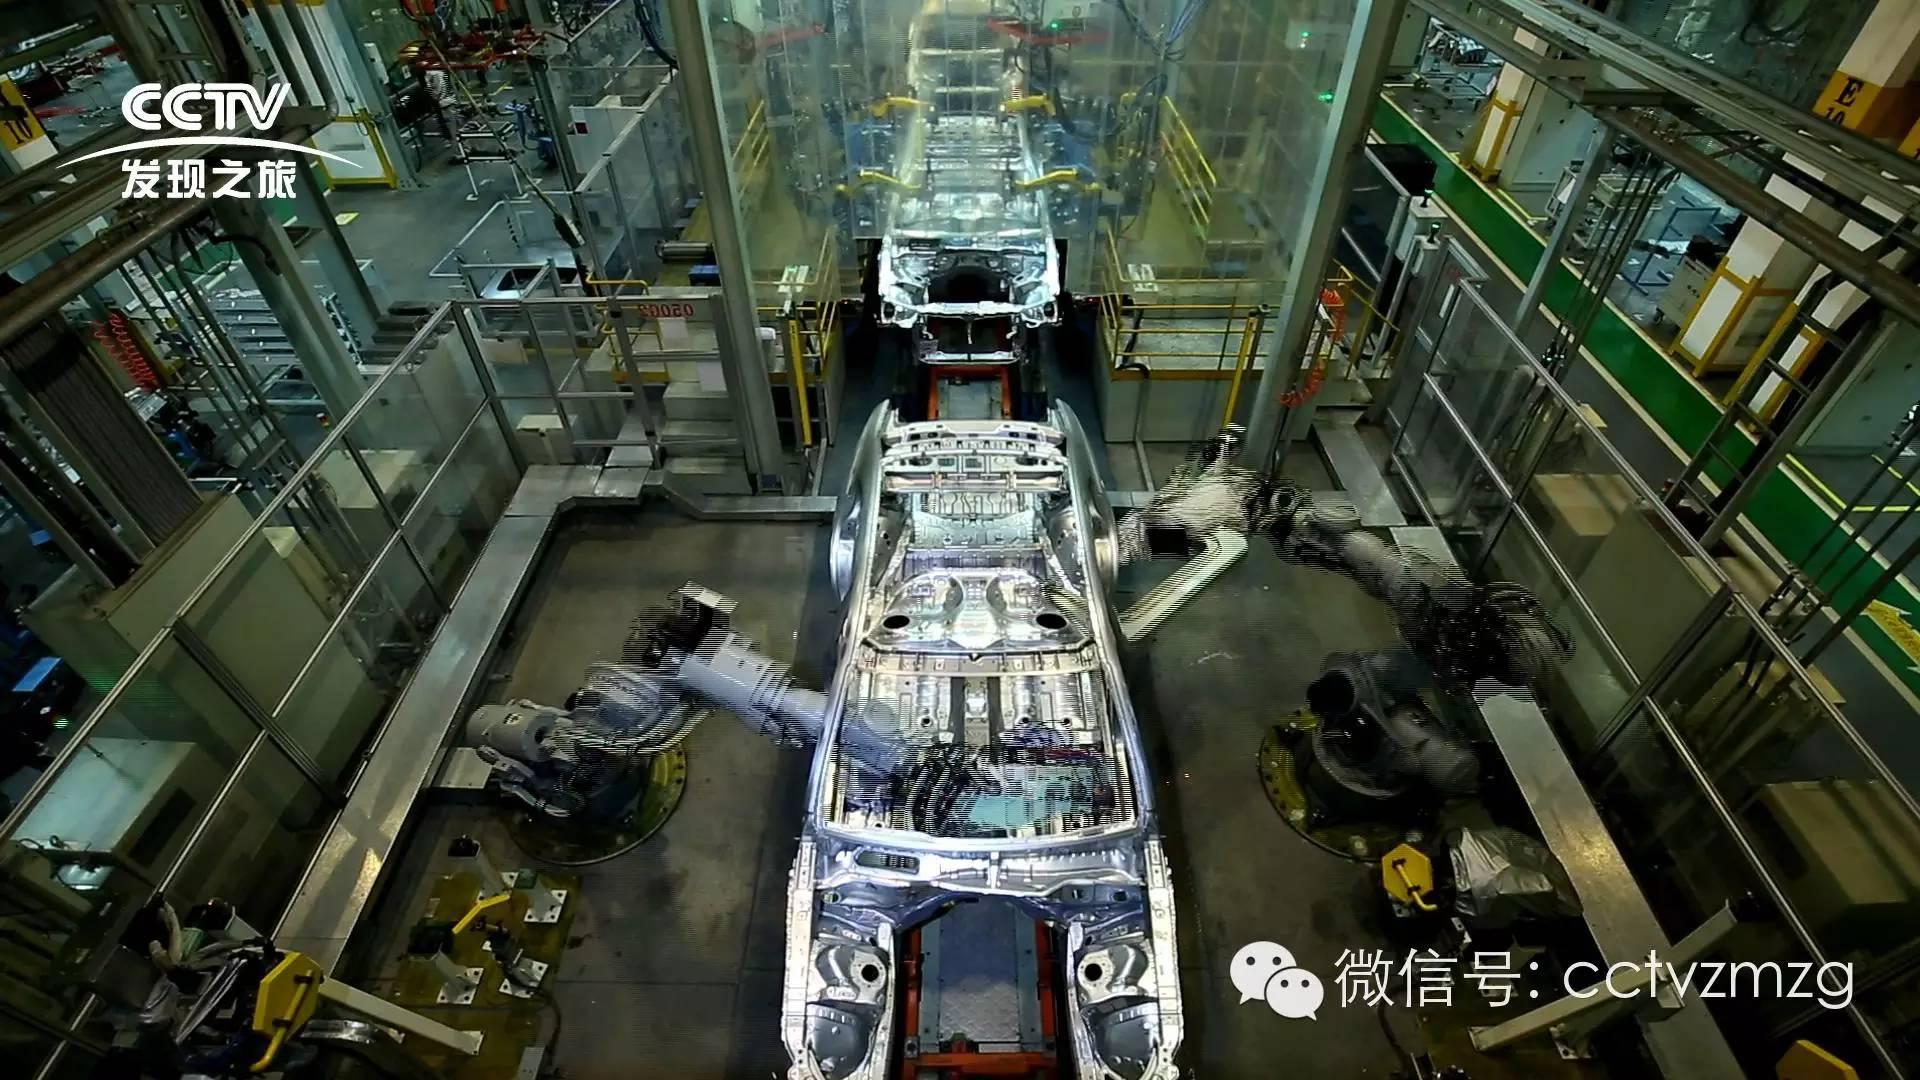 而红旗生产线采用机加线桁架机械手和自动辊道相结合的形式,结合大量